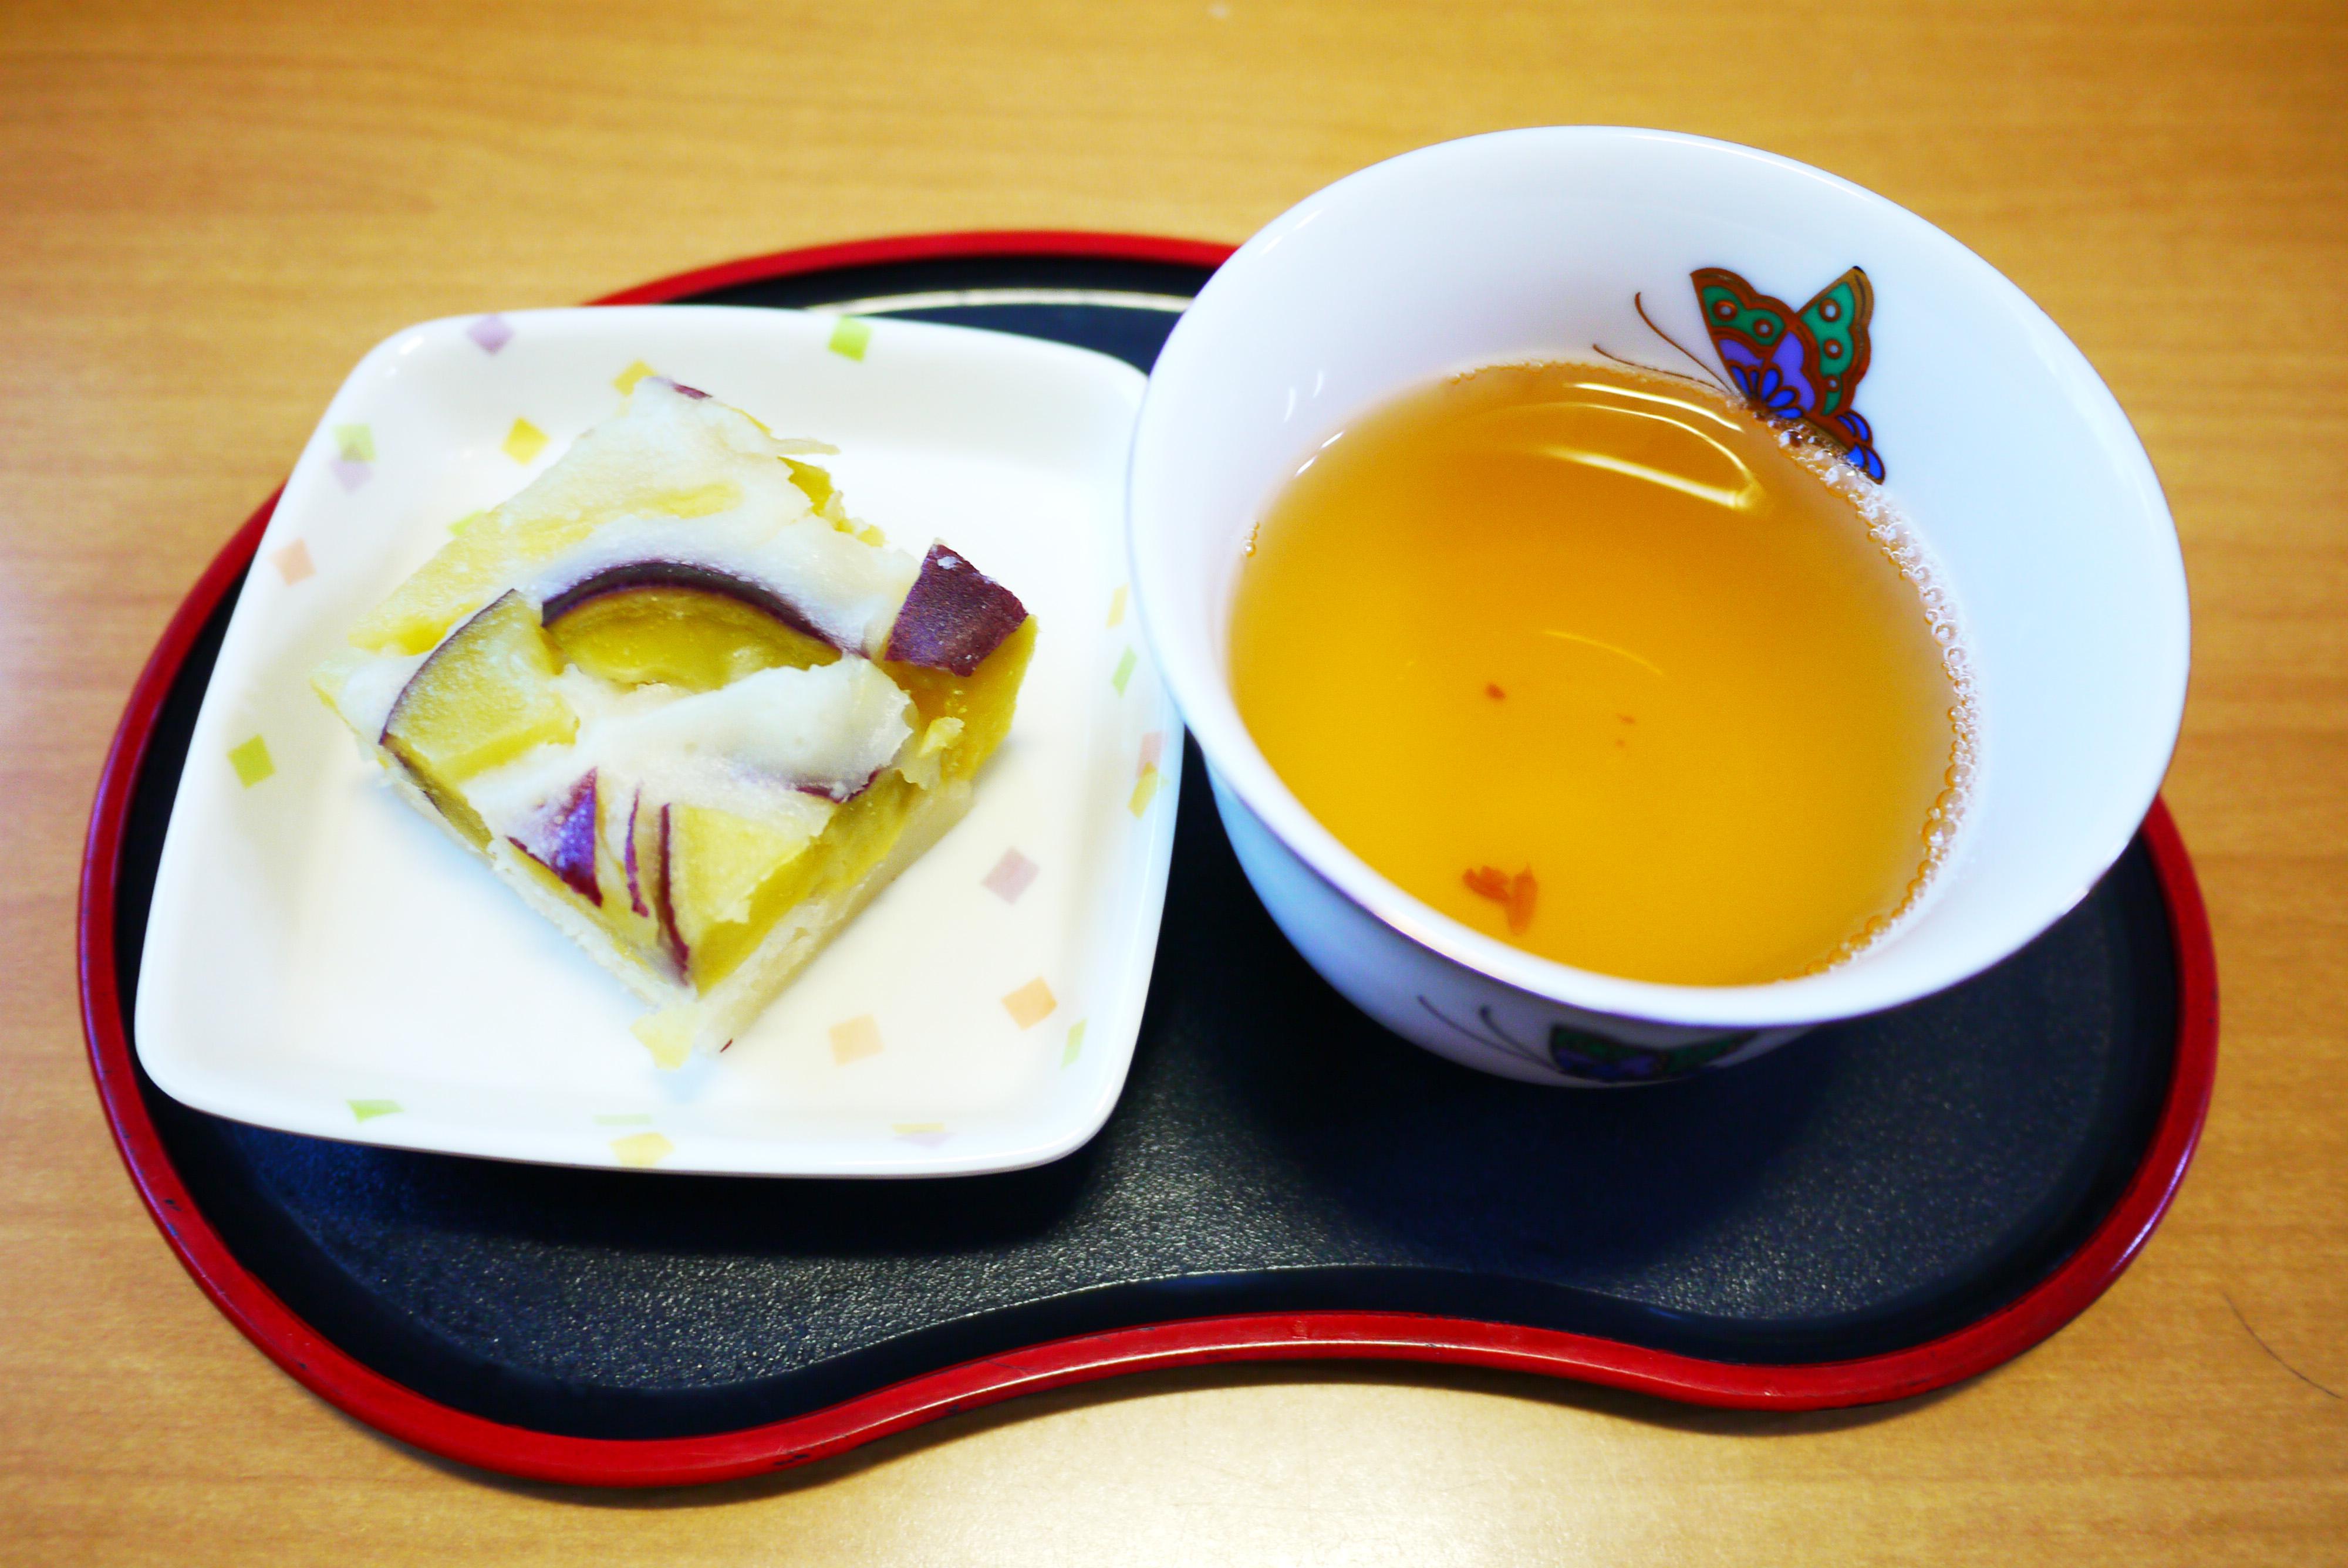 きょうのおやつは、おにまんじゅううと福茶でした。